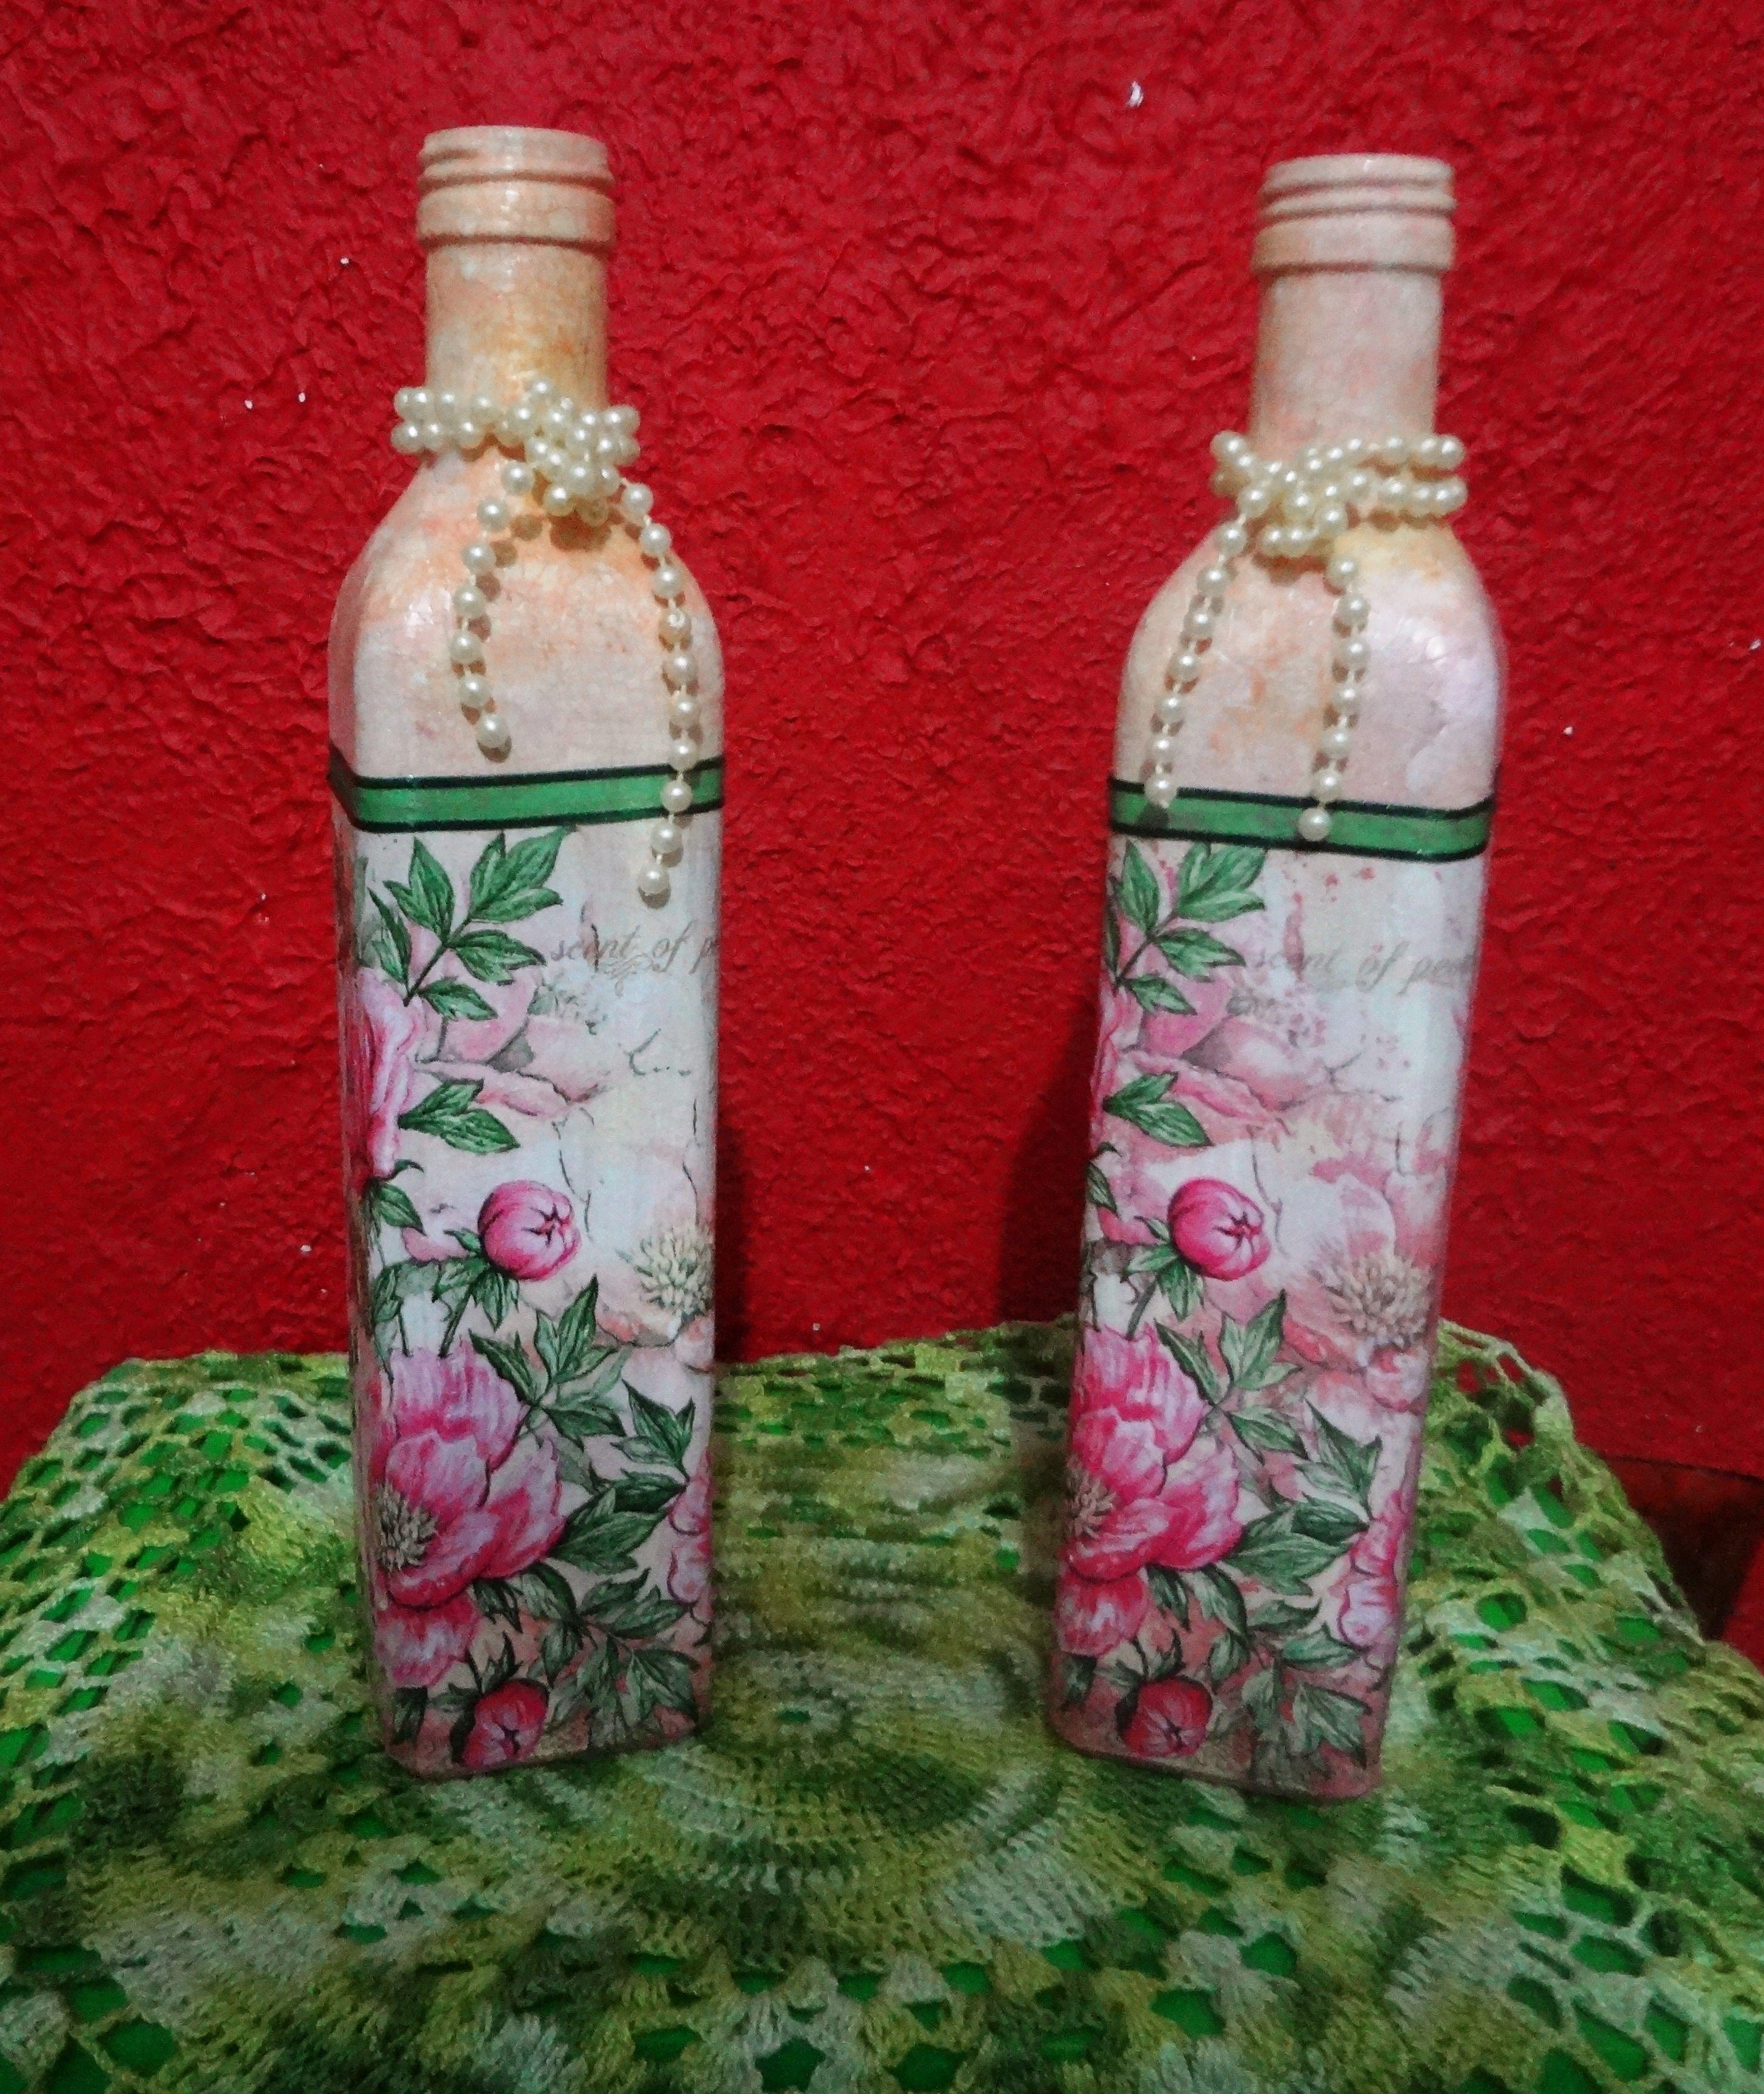 Garrafas Gemeas Garrafas Decoradas Garrafas Recicladas Reciclar Garrafas De Vidro